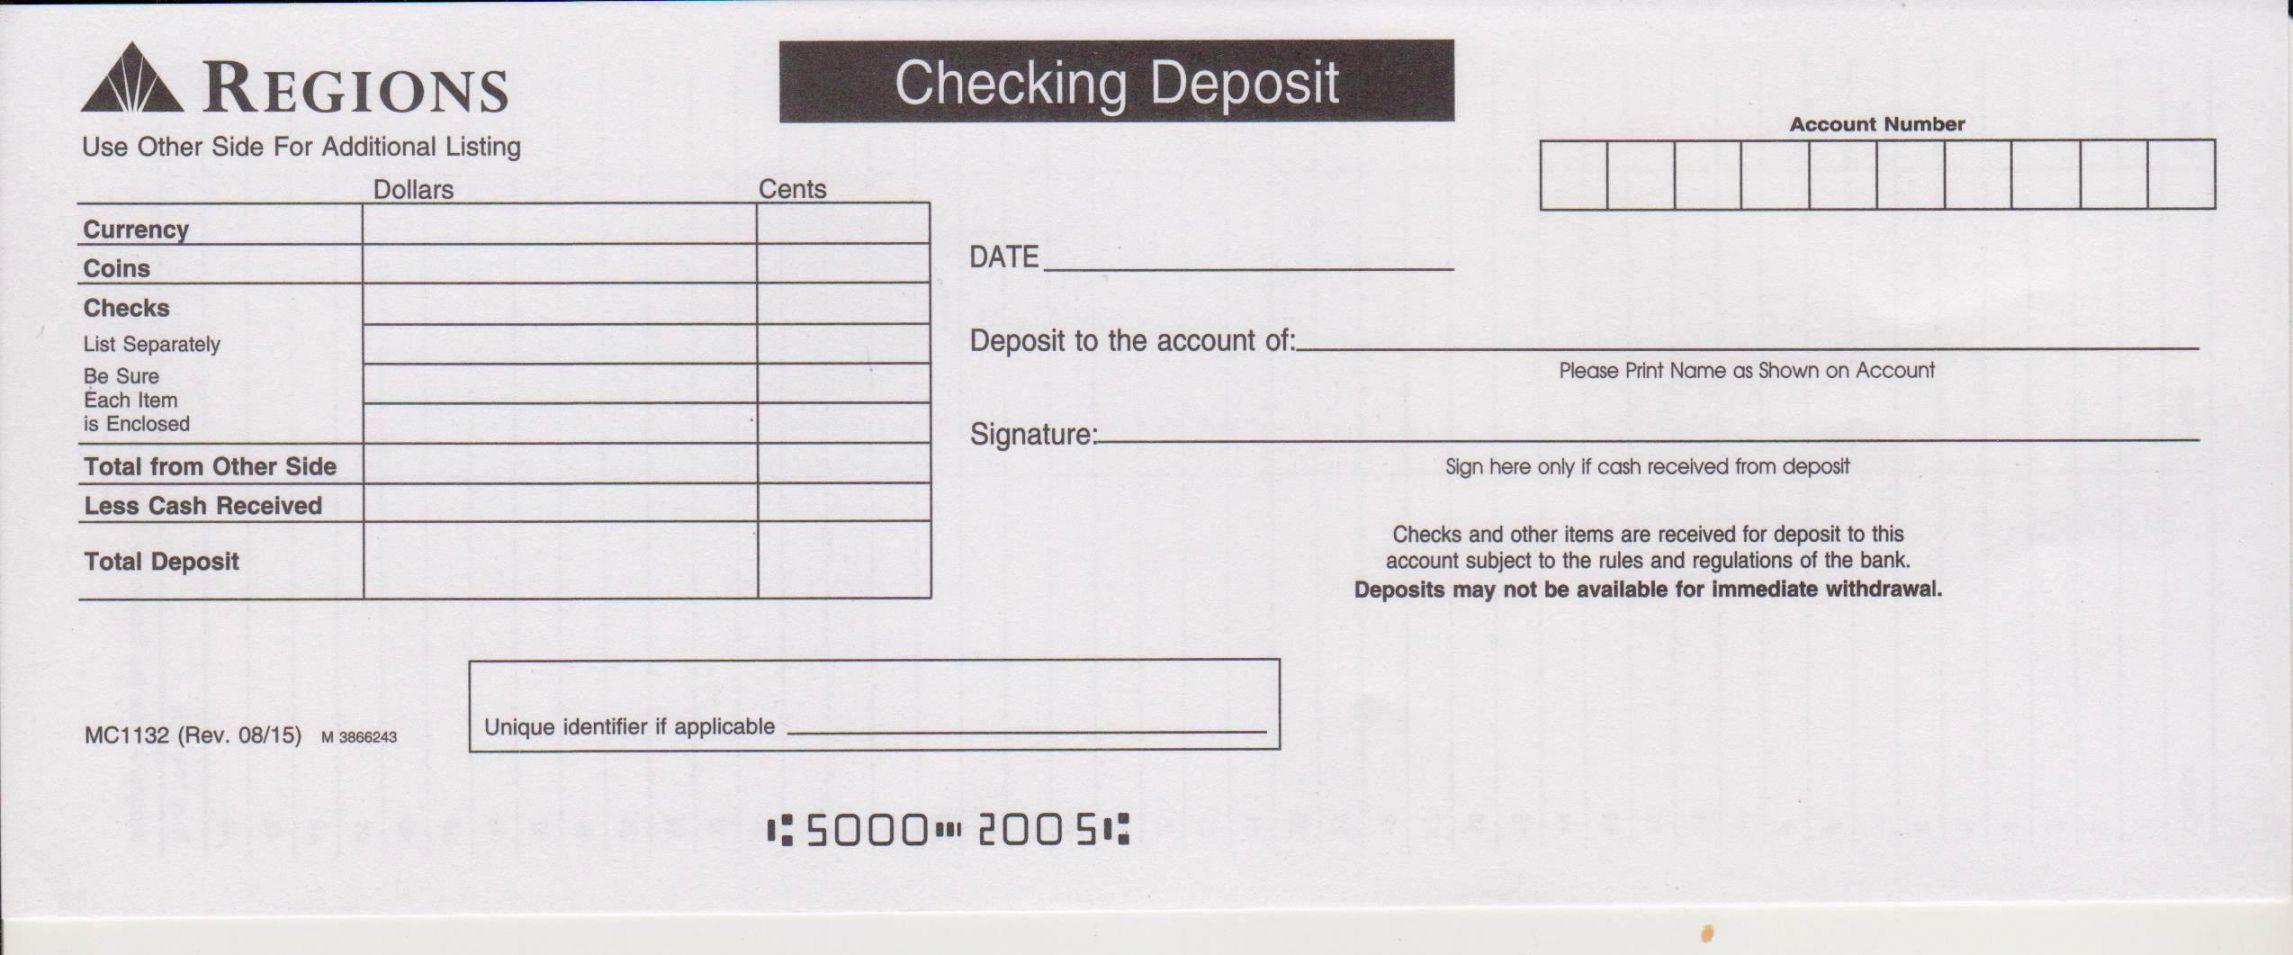 Cash Deposit Bank Deposit Slip Template